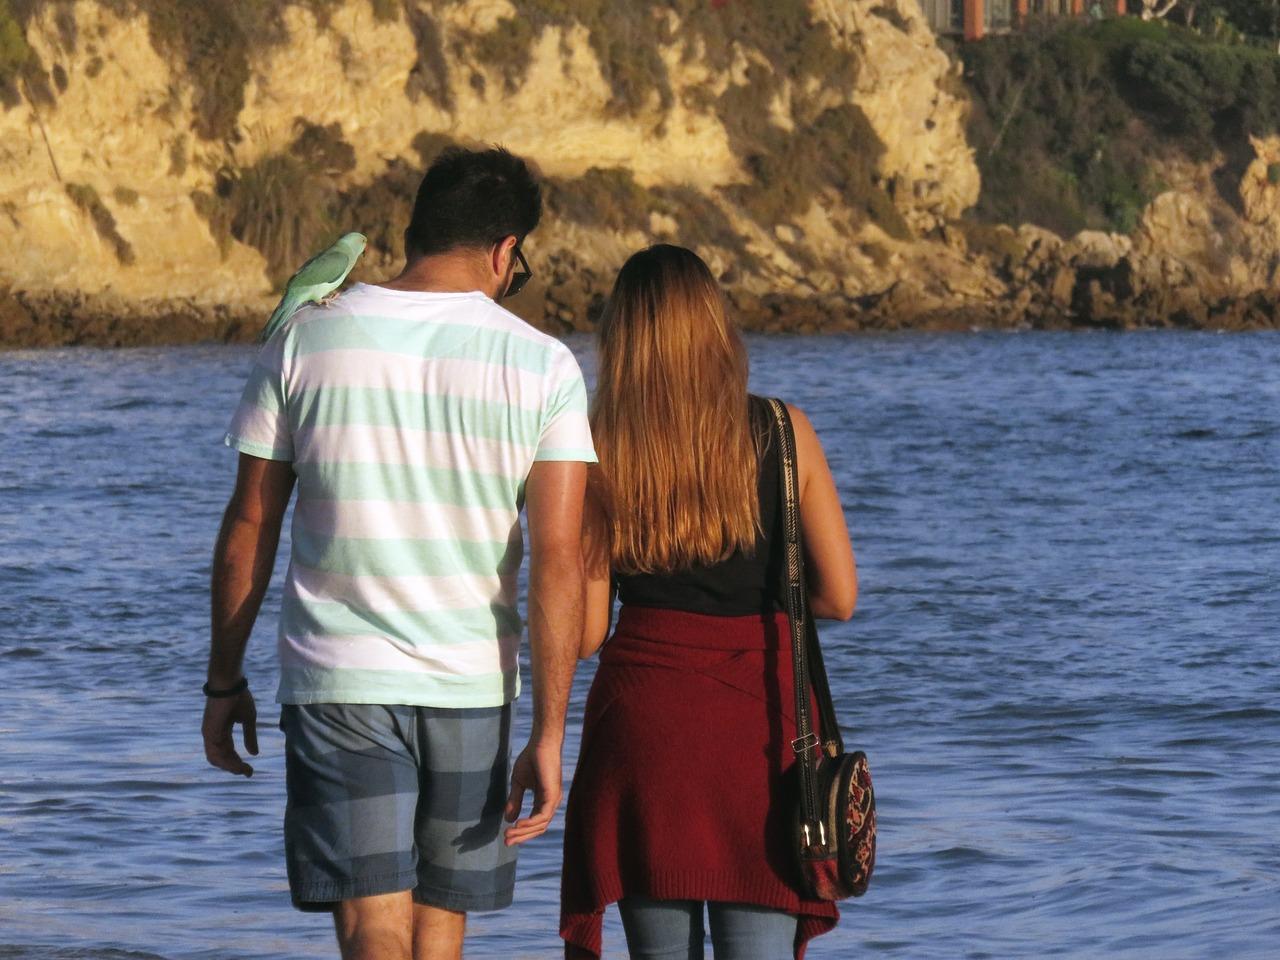 couple-2817335_1280